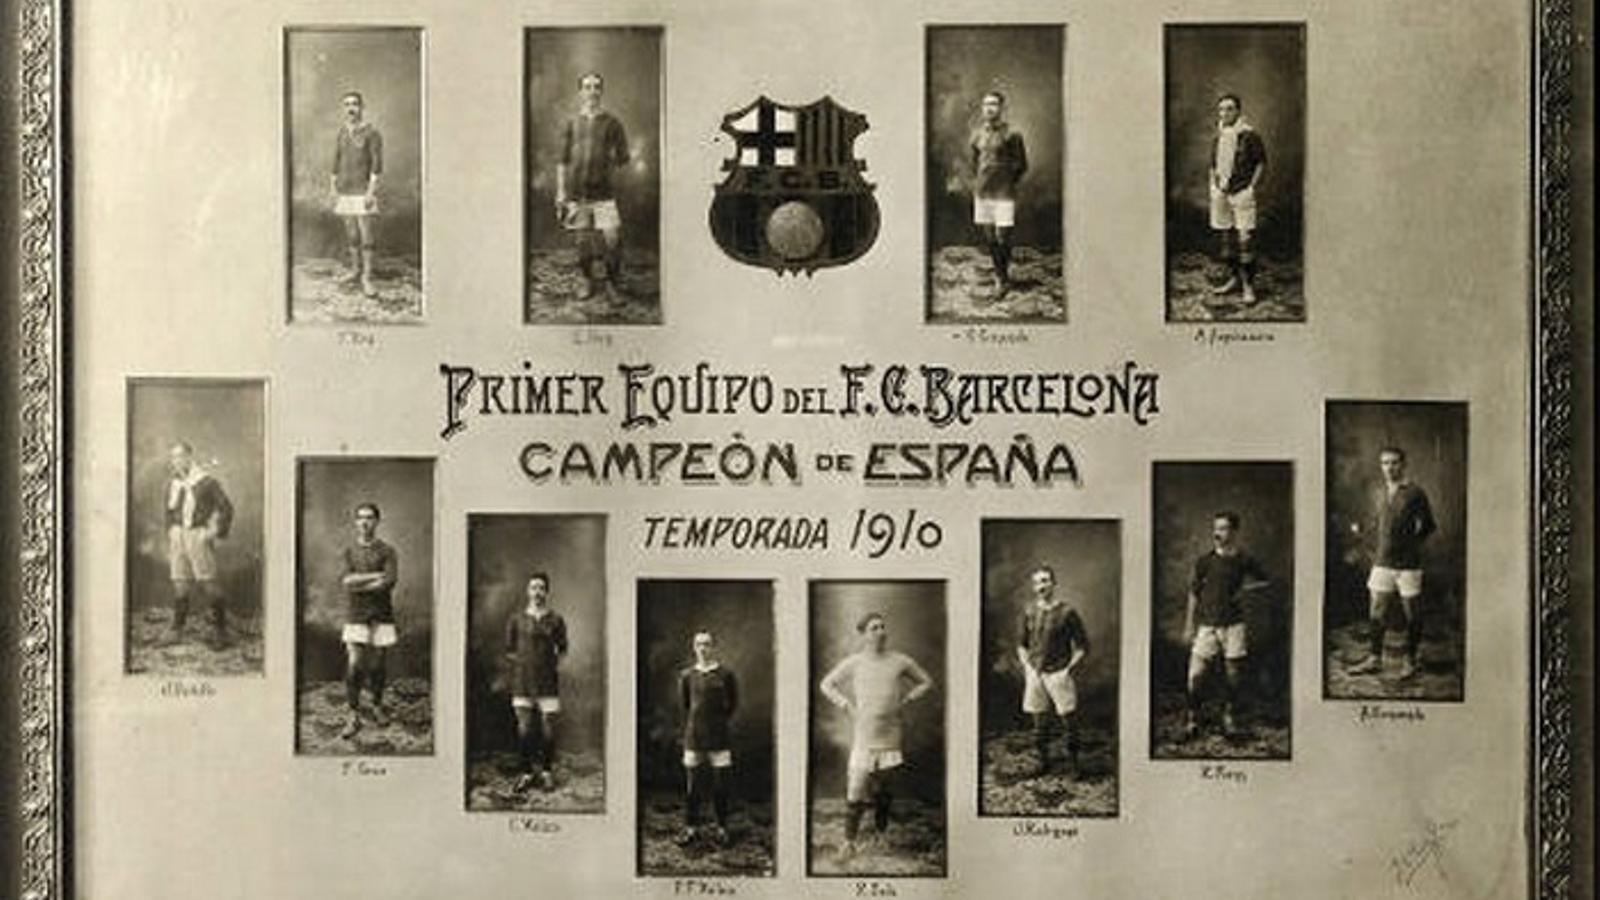 L'equip del Barça que va guanyar el campioant d'Espanya el 1910 / ARXIU PERIS DE VARGAS